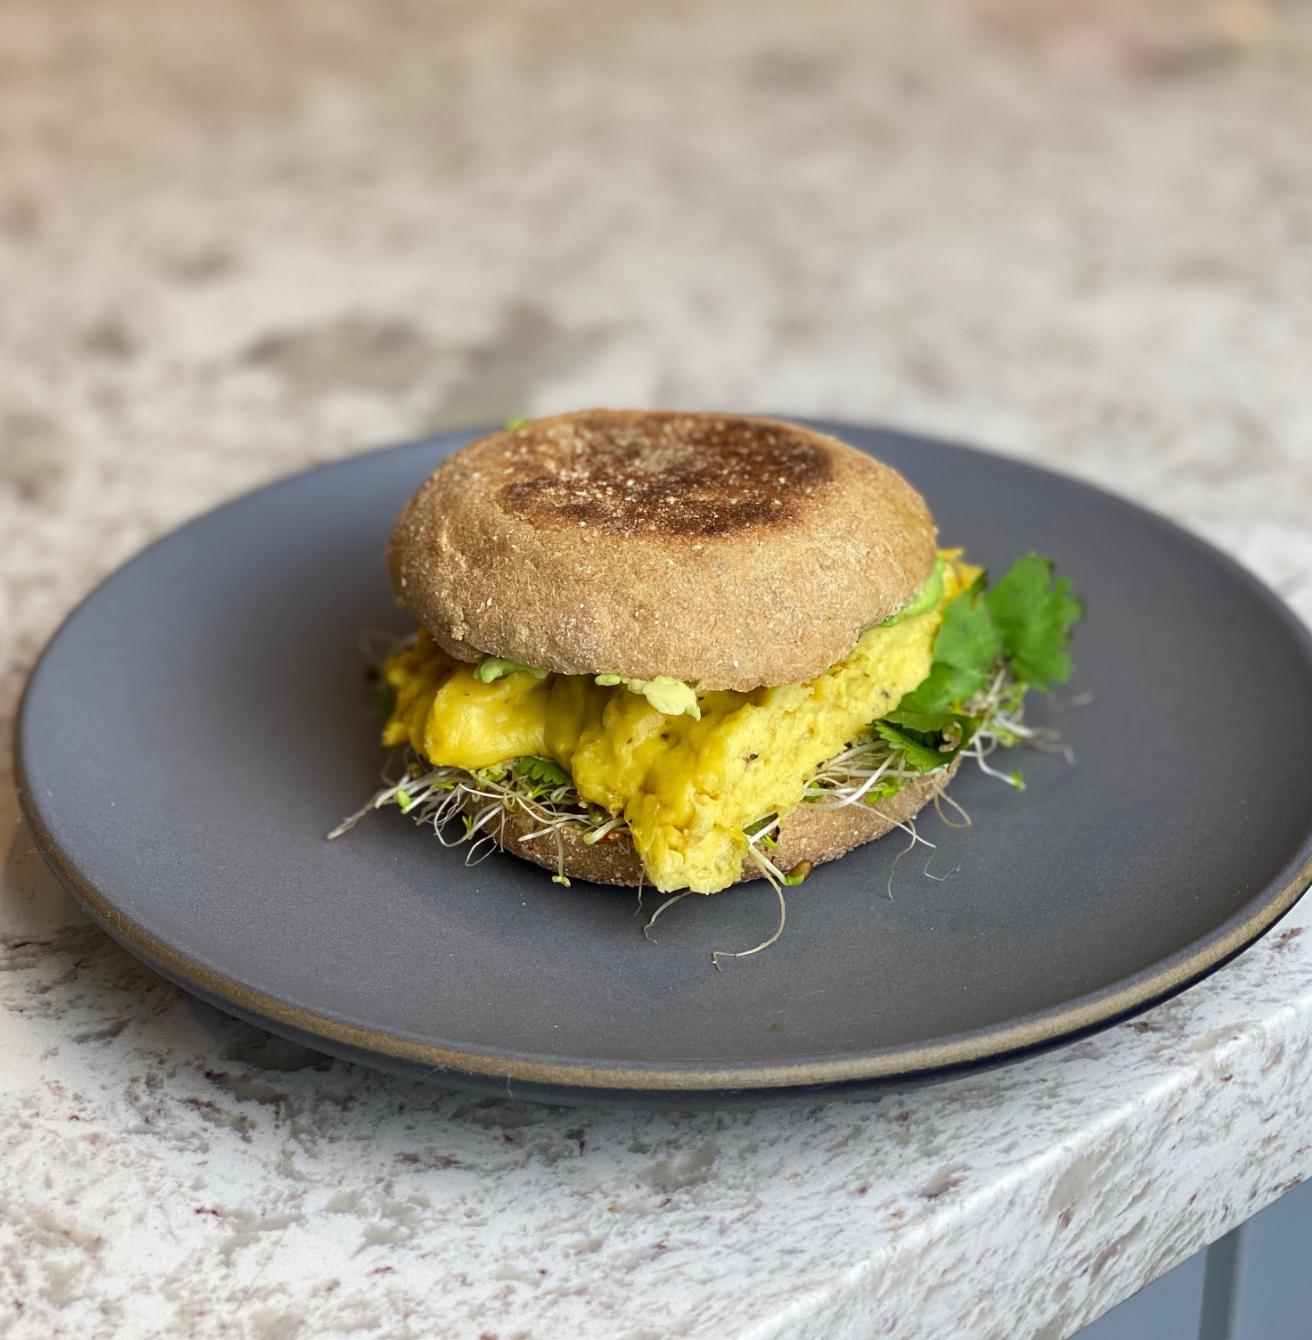 Vegan breakfast sandwich recipe